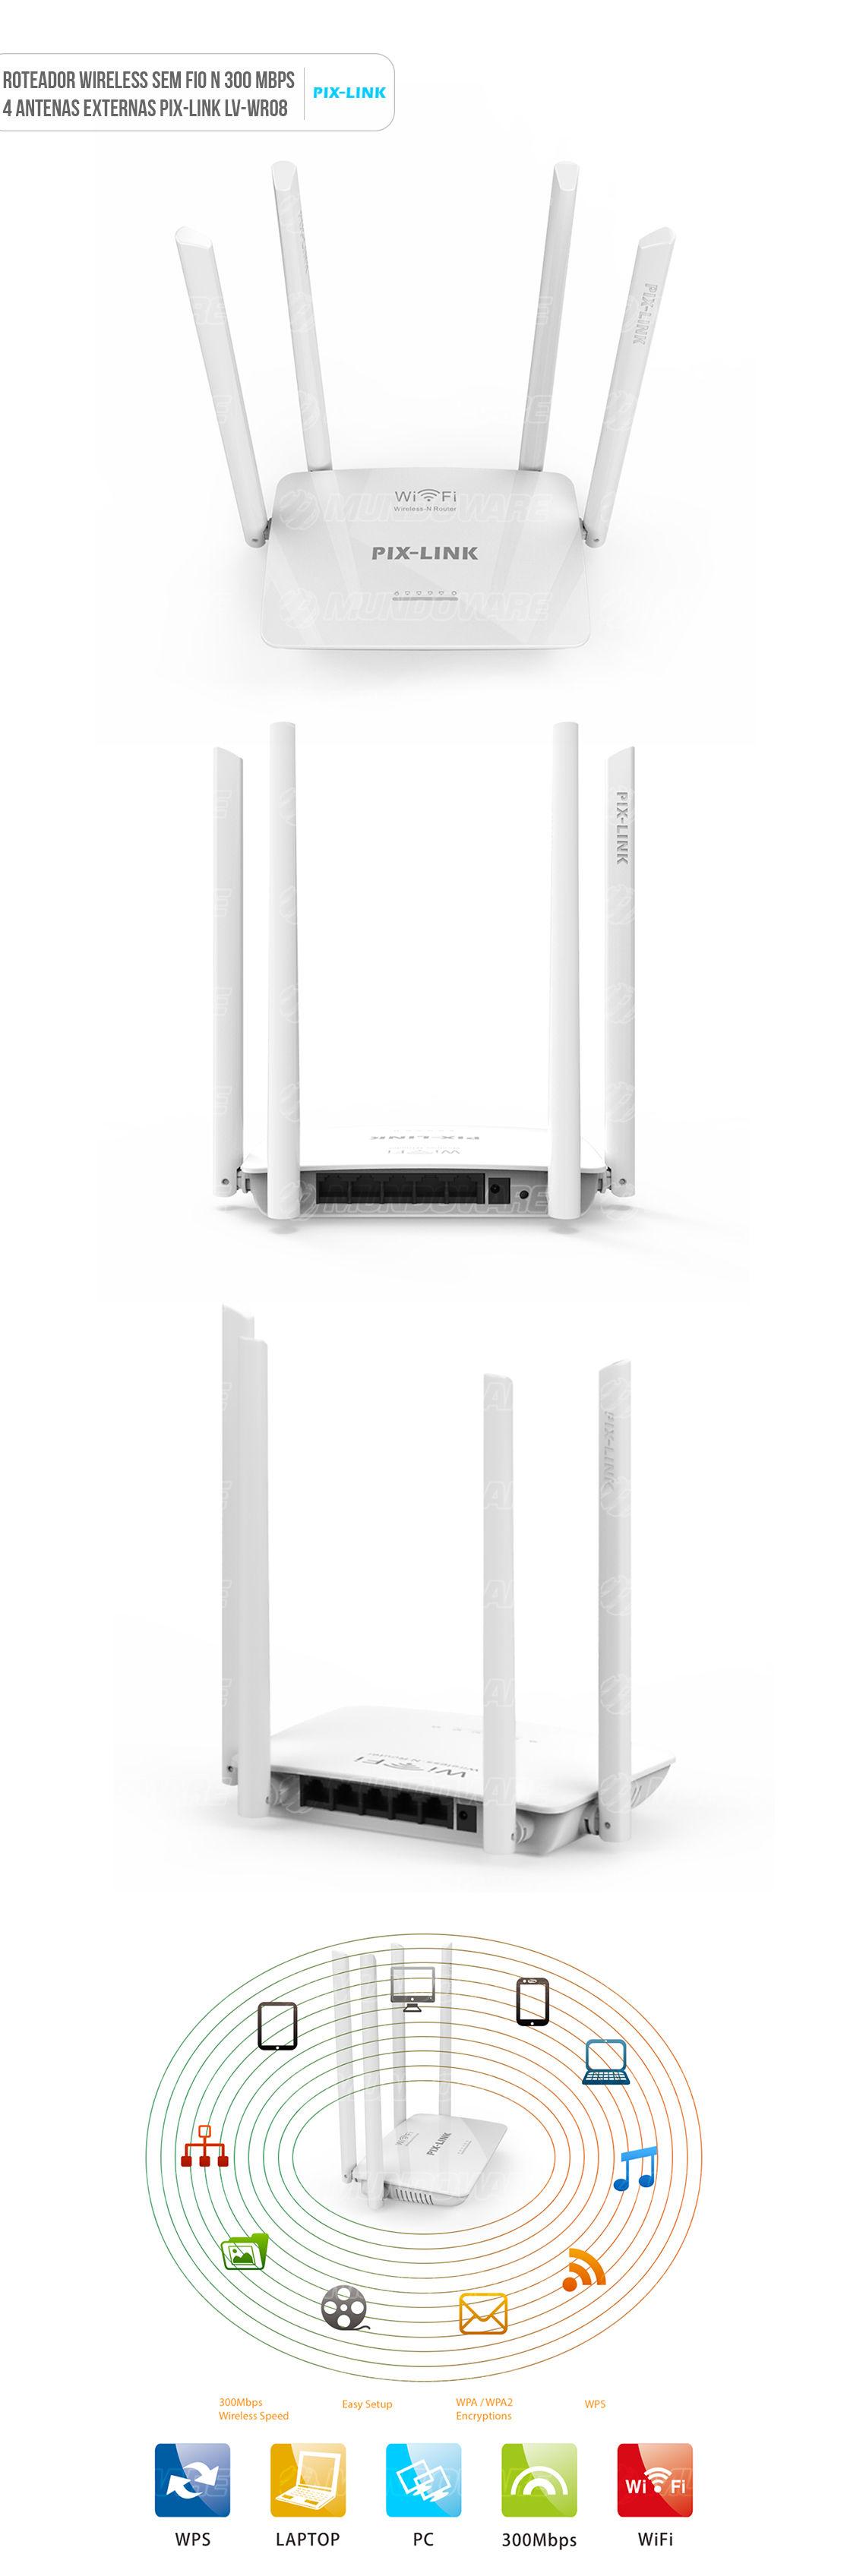 Roteador amplificador Wireless 300mbps 4 antenas externas wifi